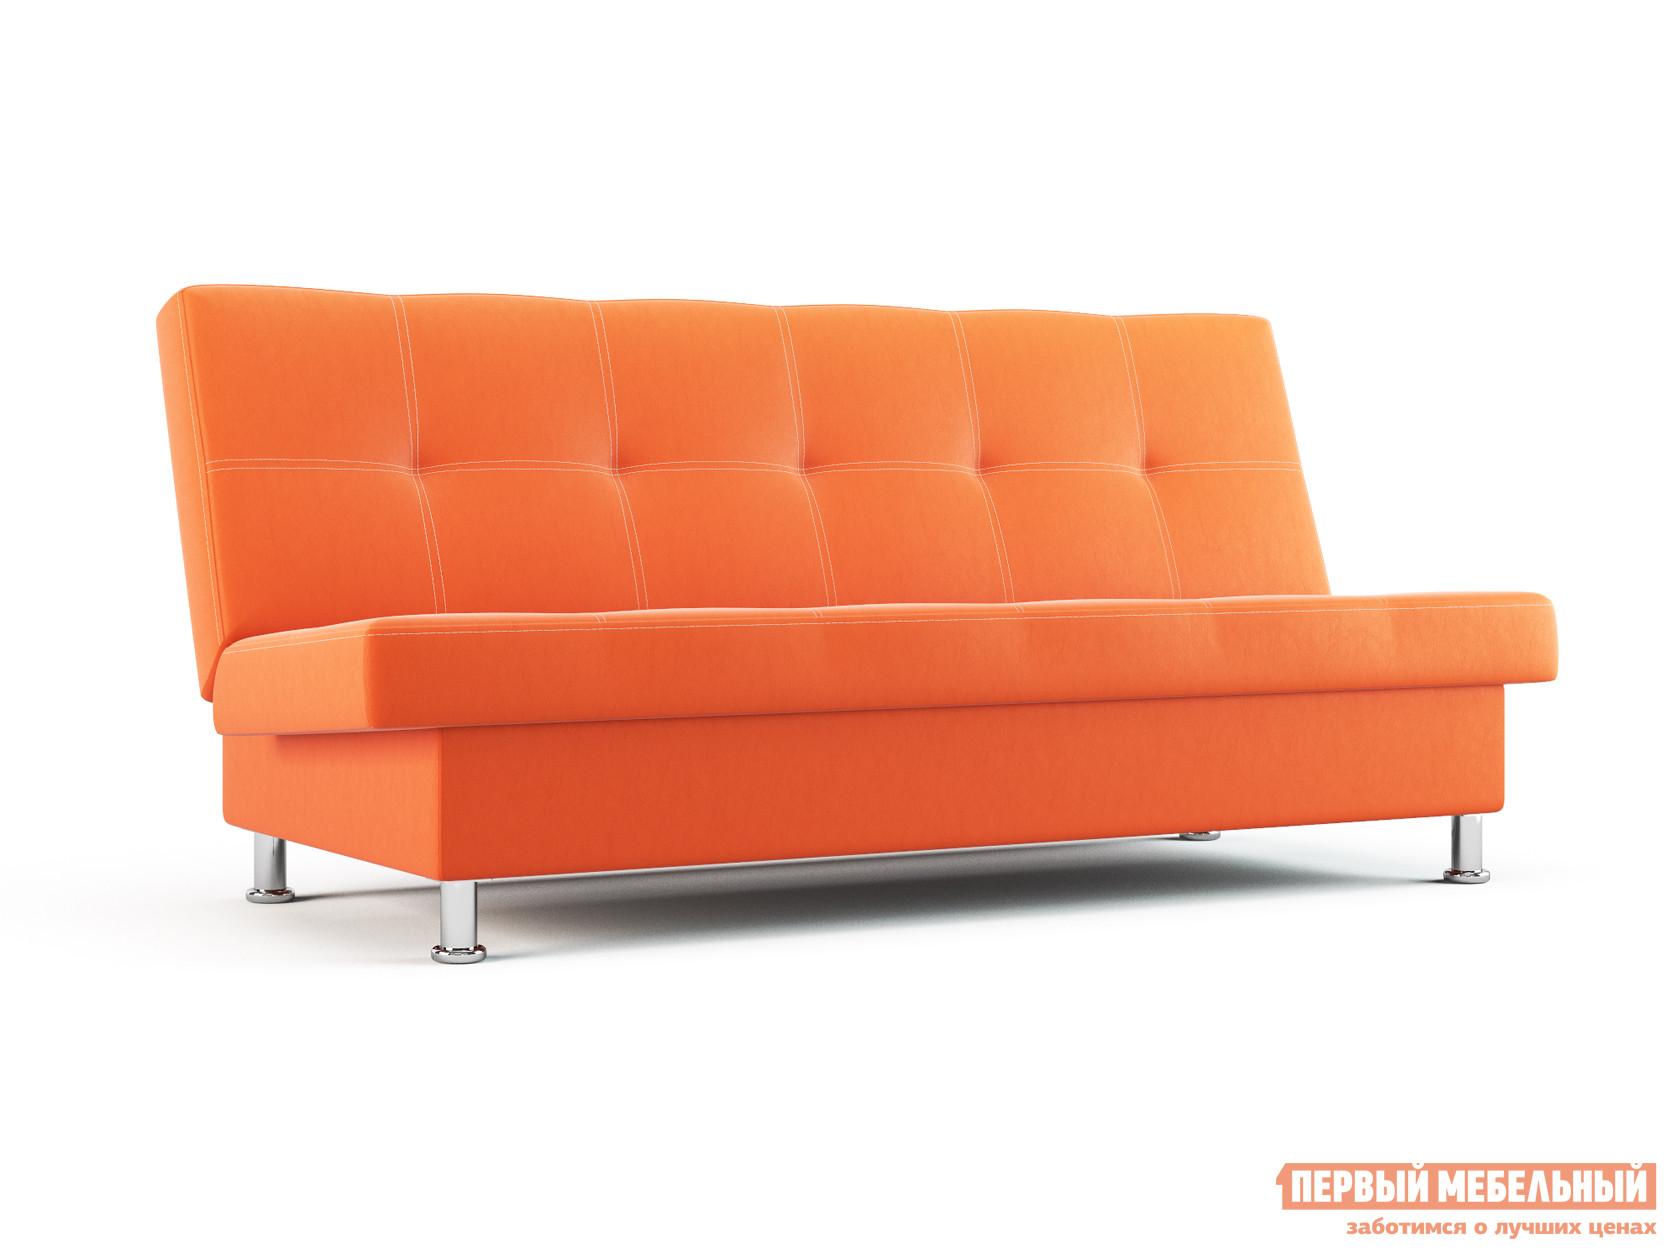 Прямой диван  Бомонд Оранжевый, экокожа